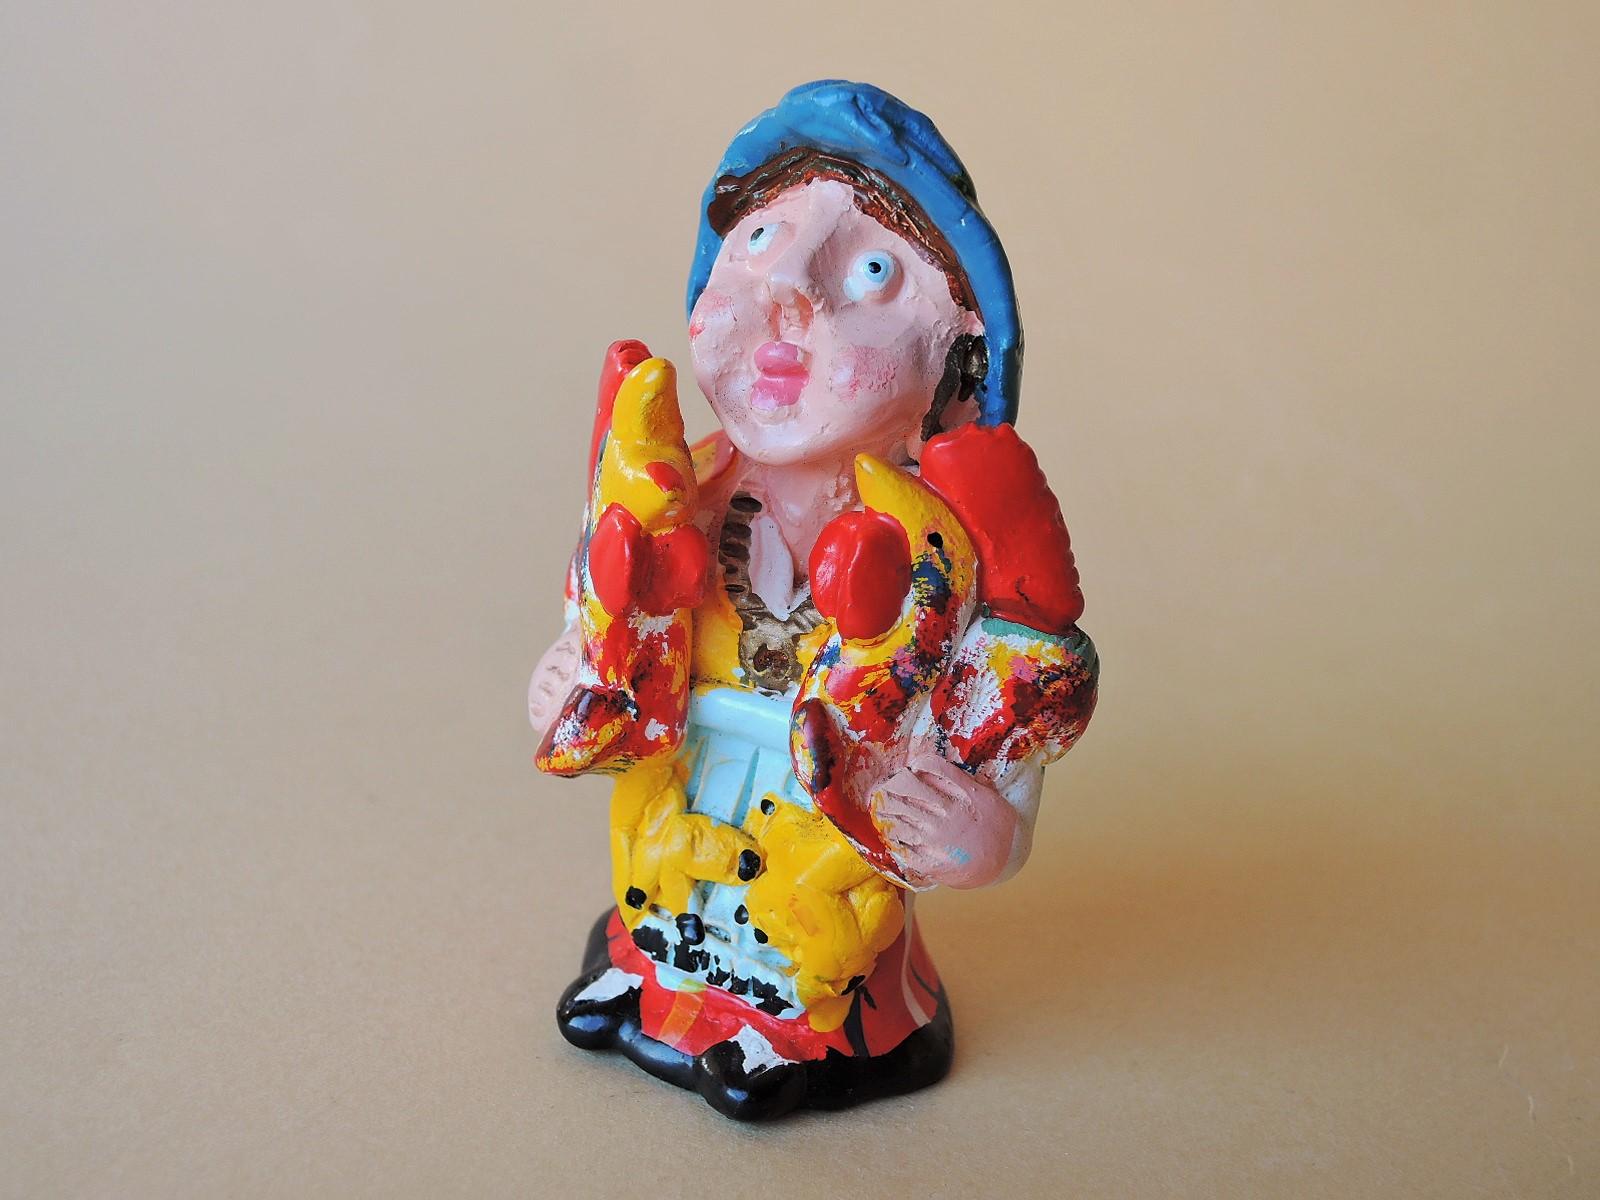 ポルトガル陶人形 Joao Ferreira作品 幸運のガロを両手に